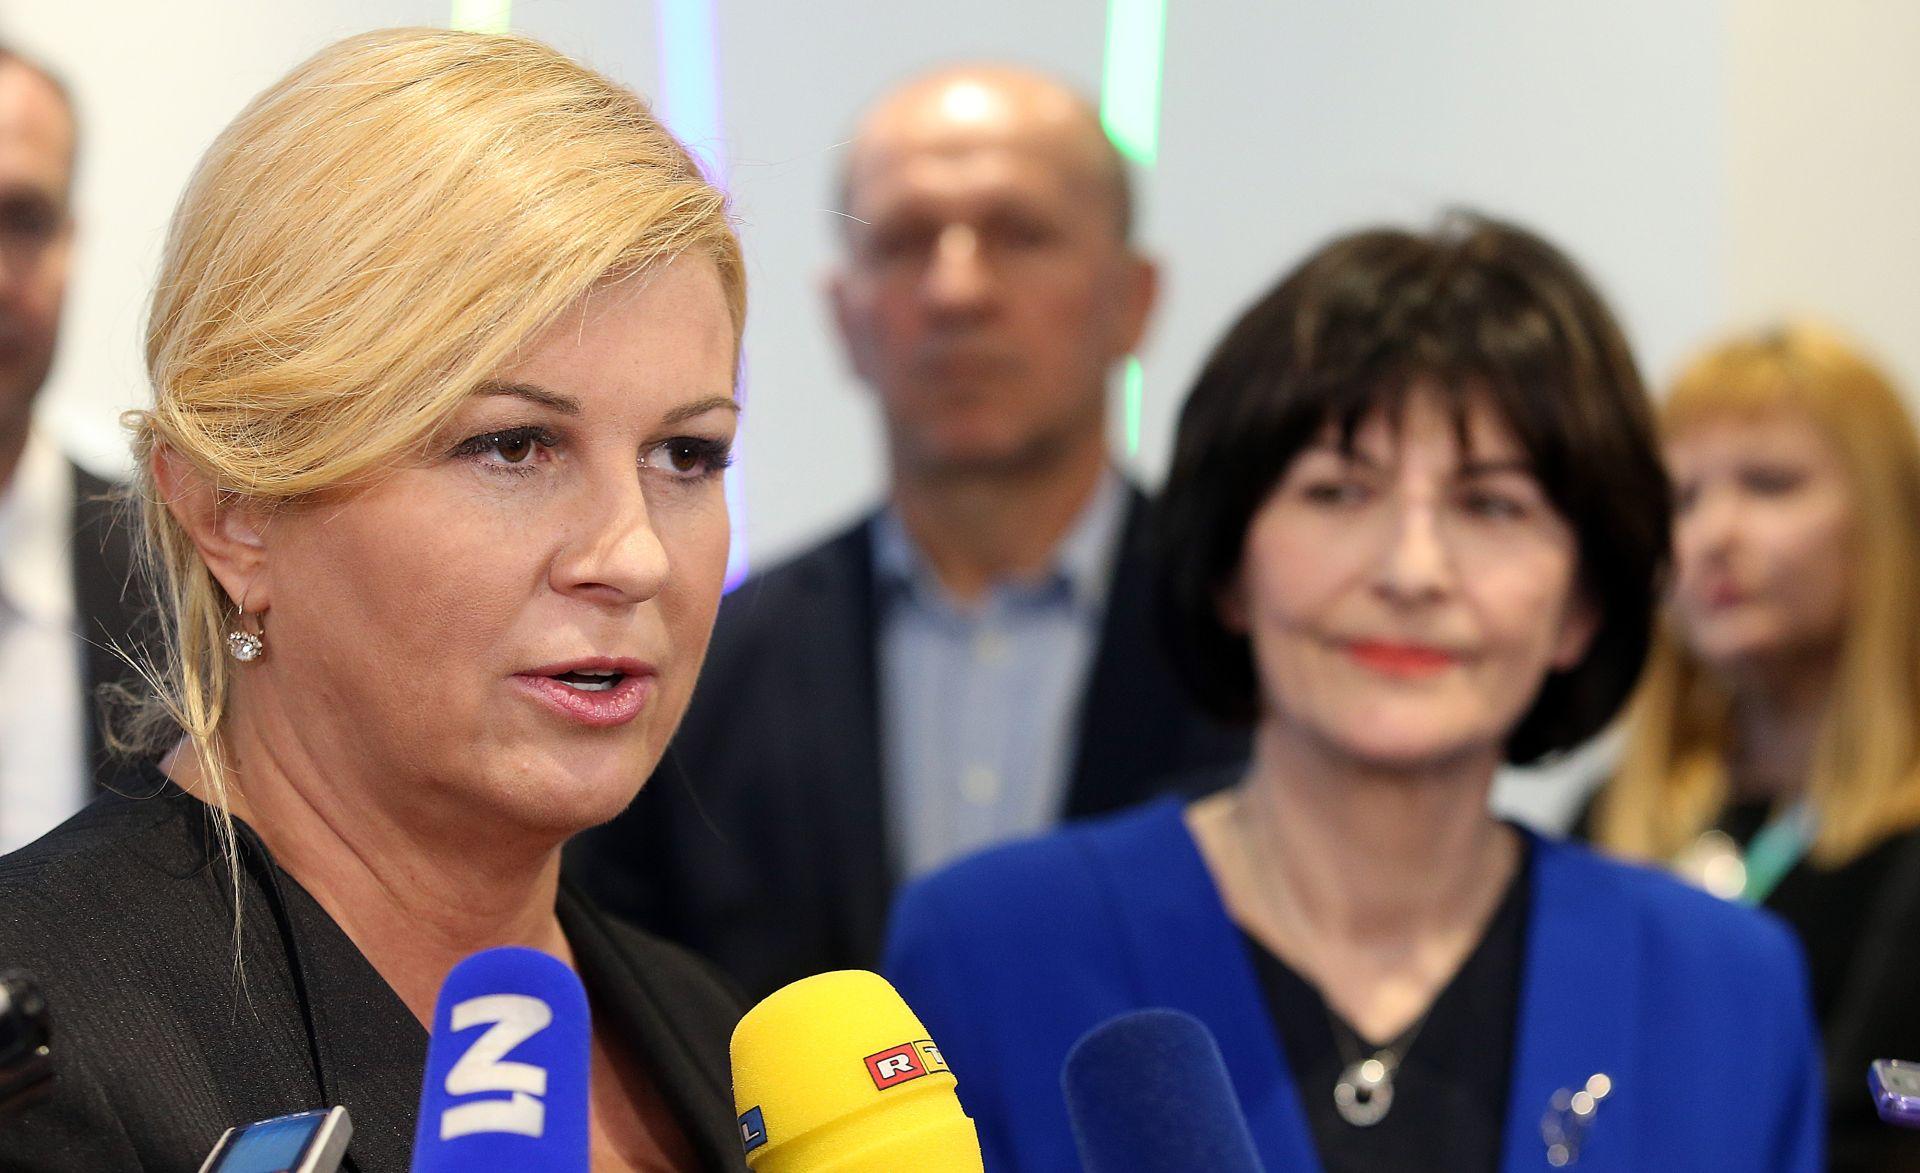 """GRABAR KITAROVIĆ """"Srbija je ta koja potencira neko puzajuće ustaštvo u Hrvatskoj. Ja vidim pojedinačne incidente"""""""